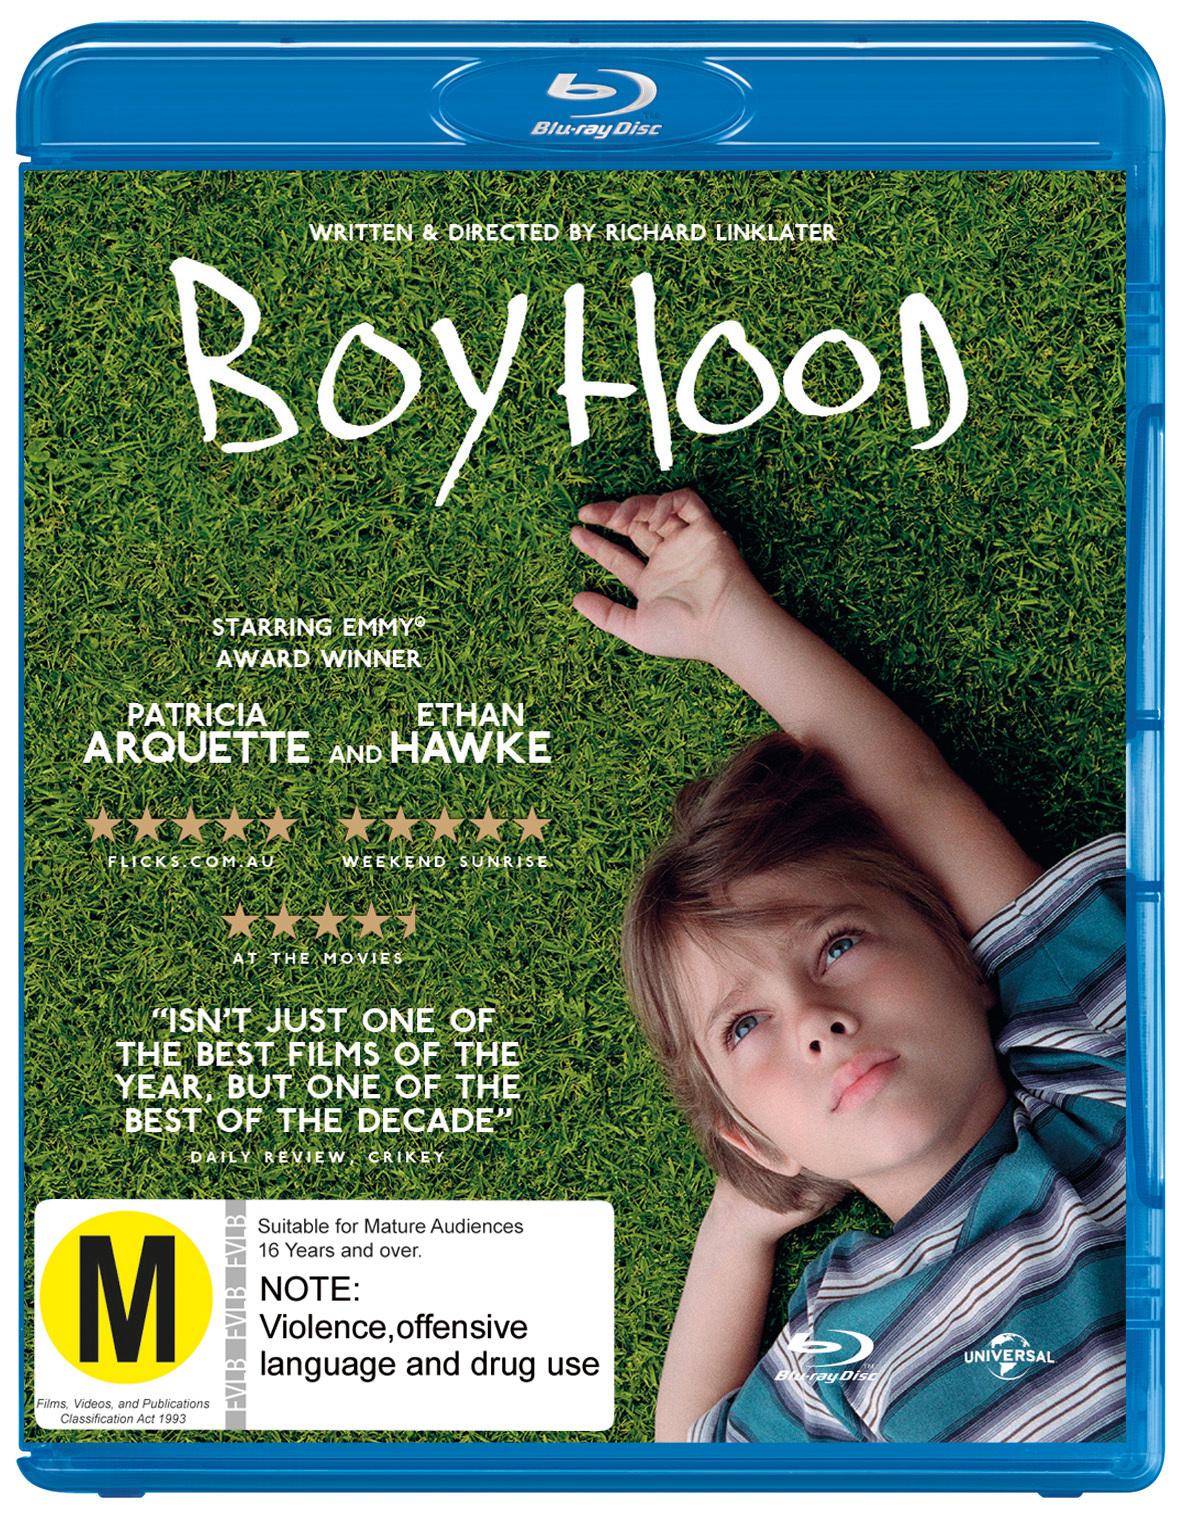 Boyhood on Blu-ray image